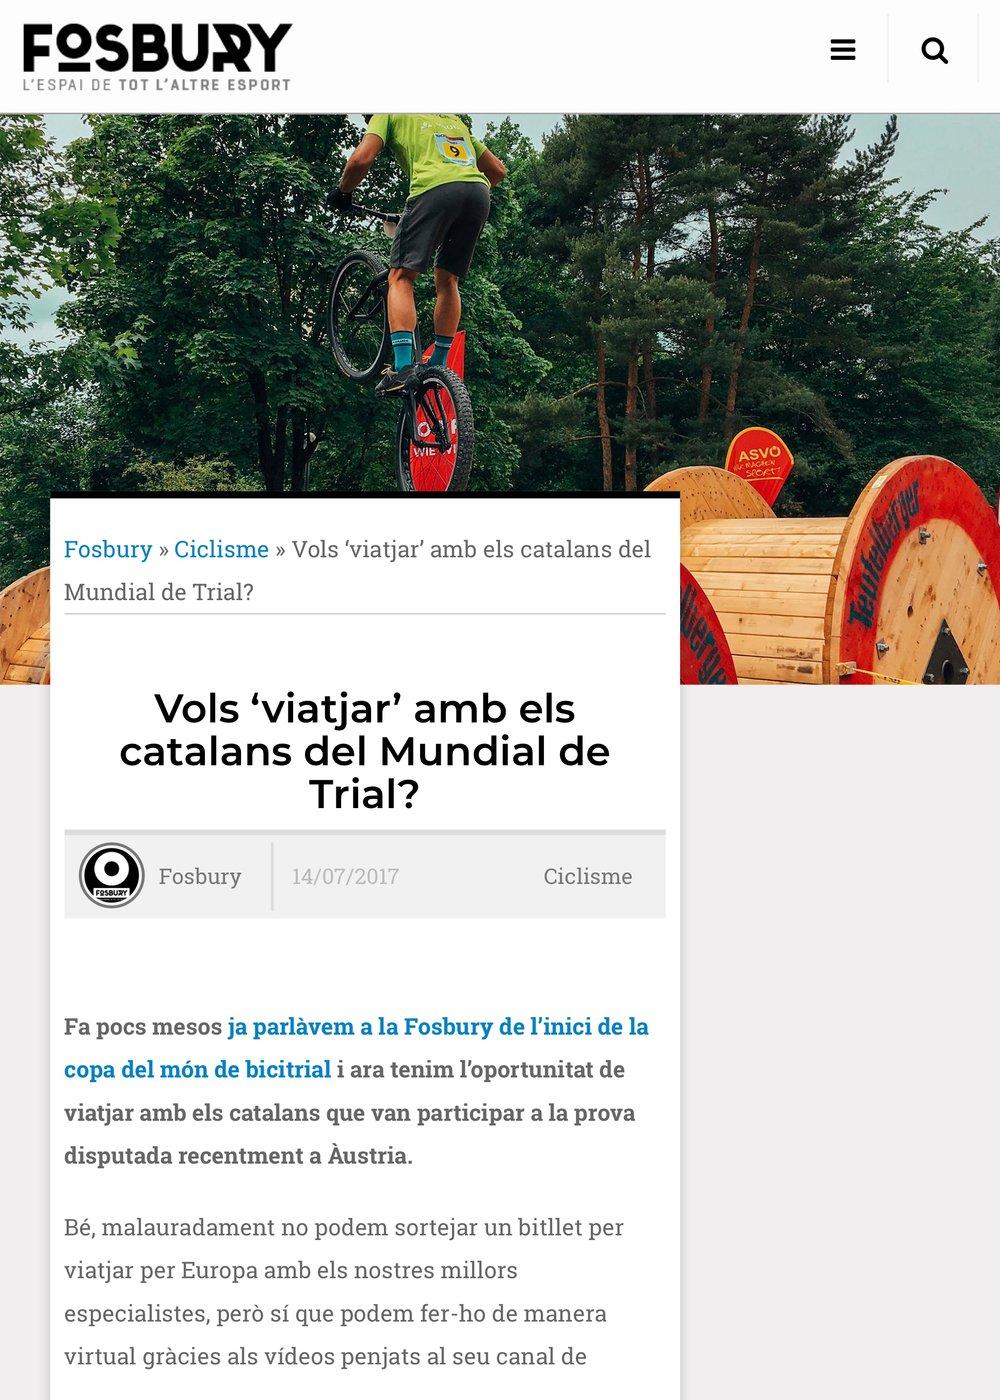 2017-7-14 Vols 'viatjar' amb els catalans del Mundial de Trial? | Fosbury 8.jpeg